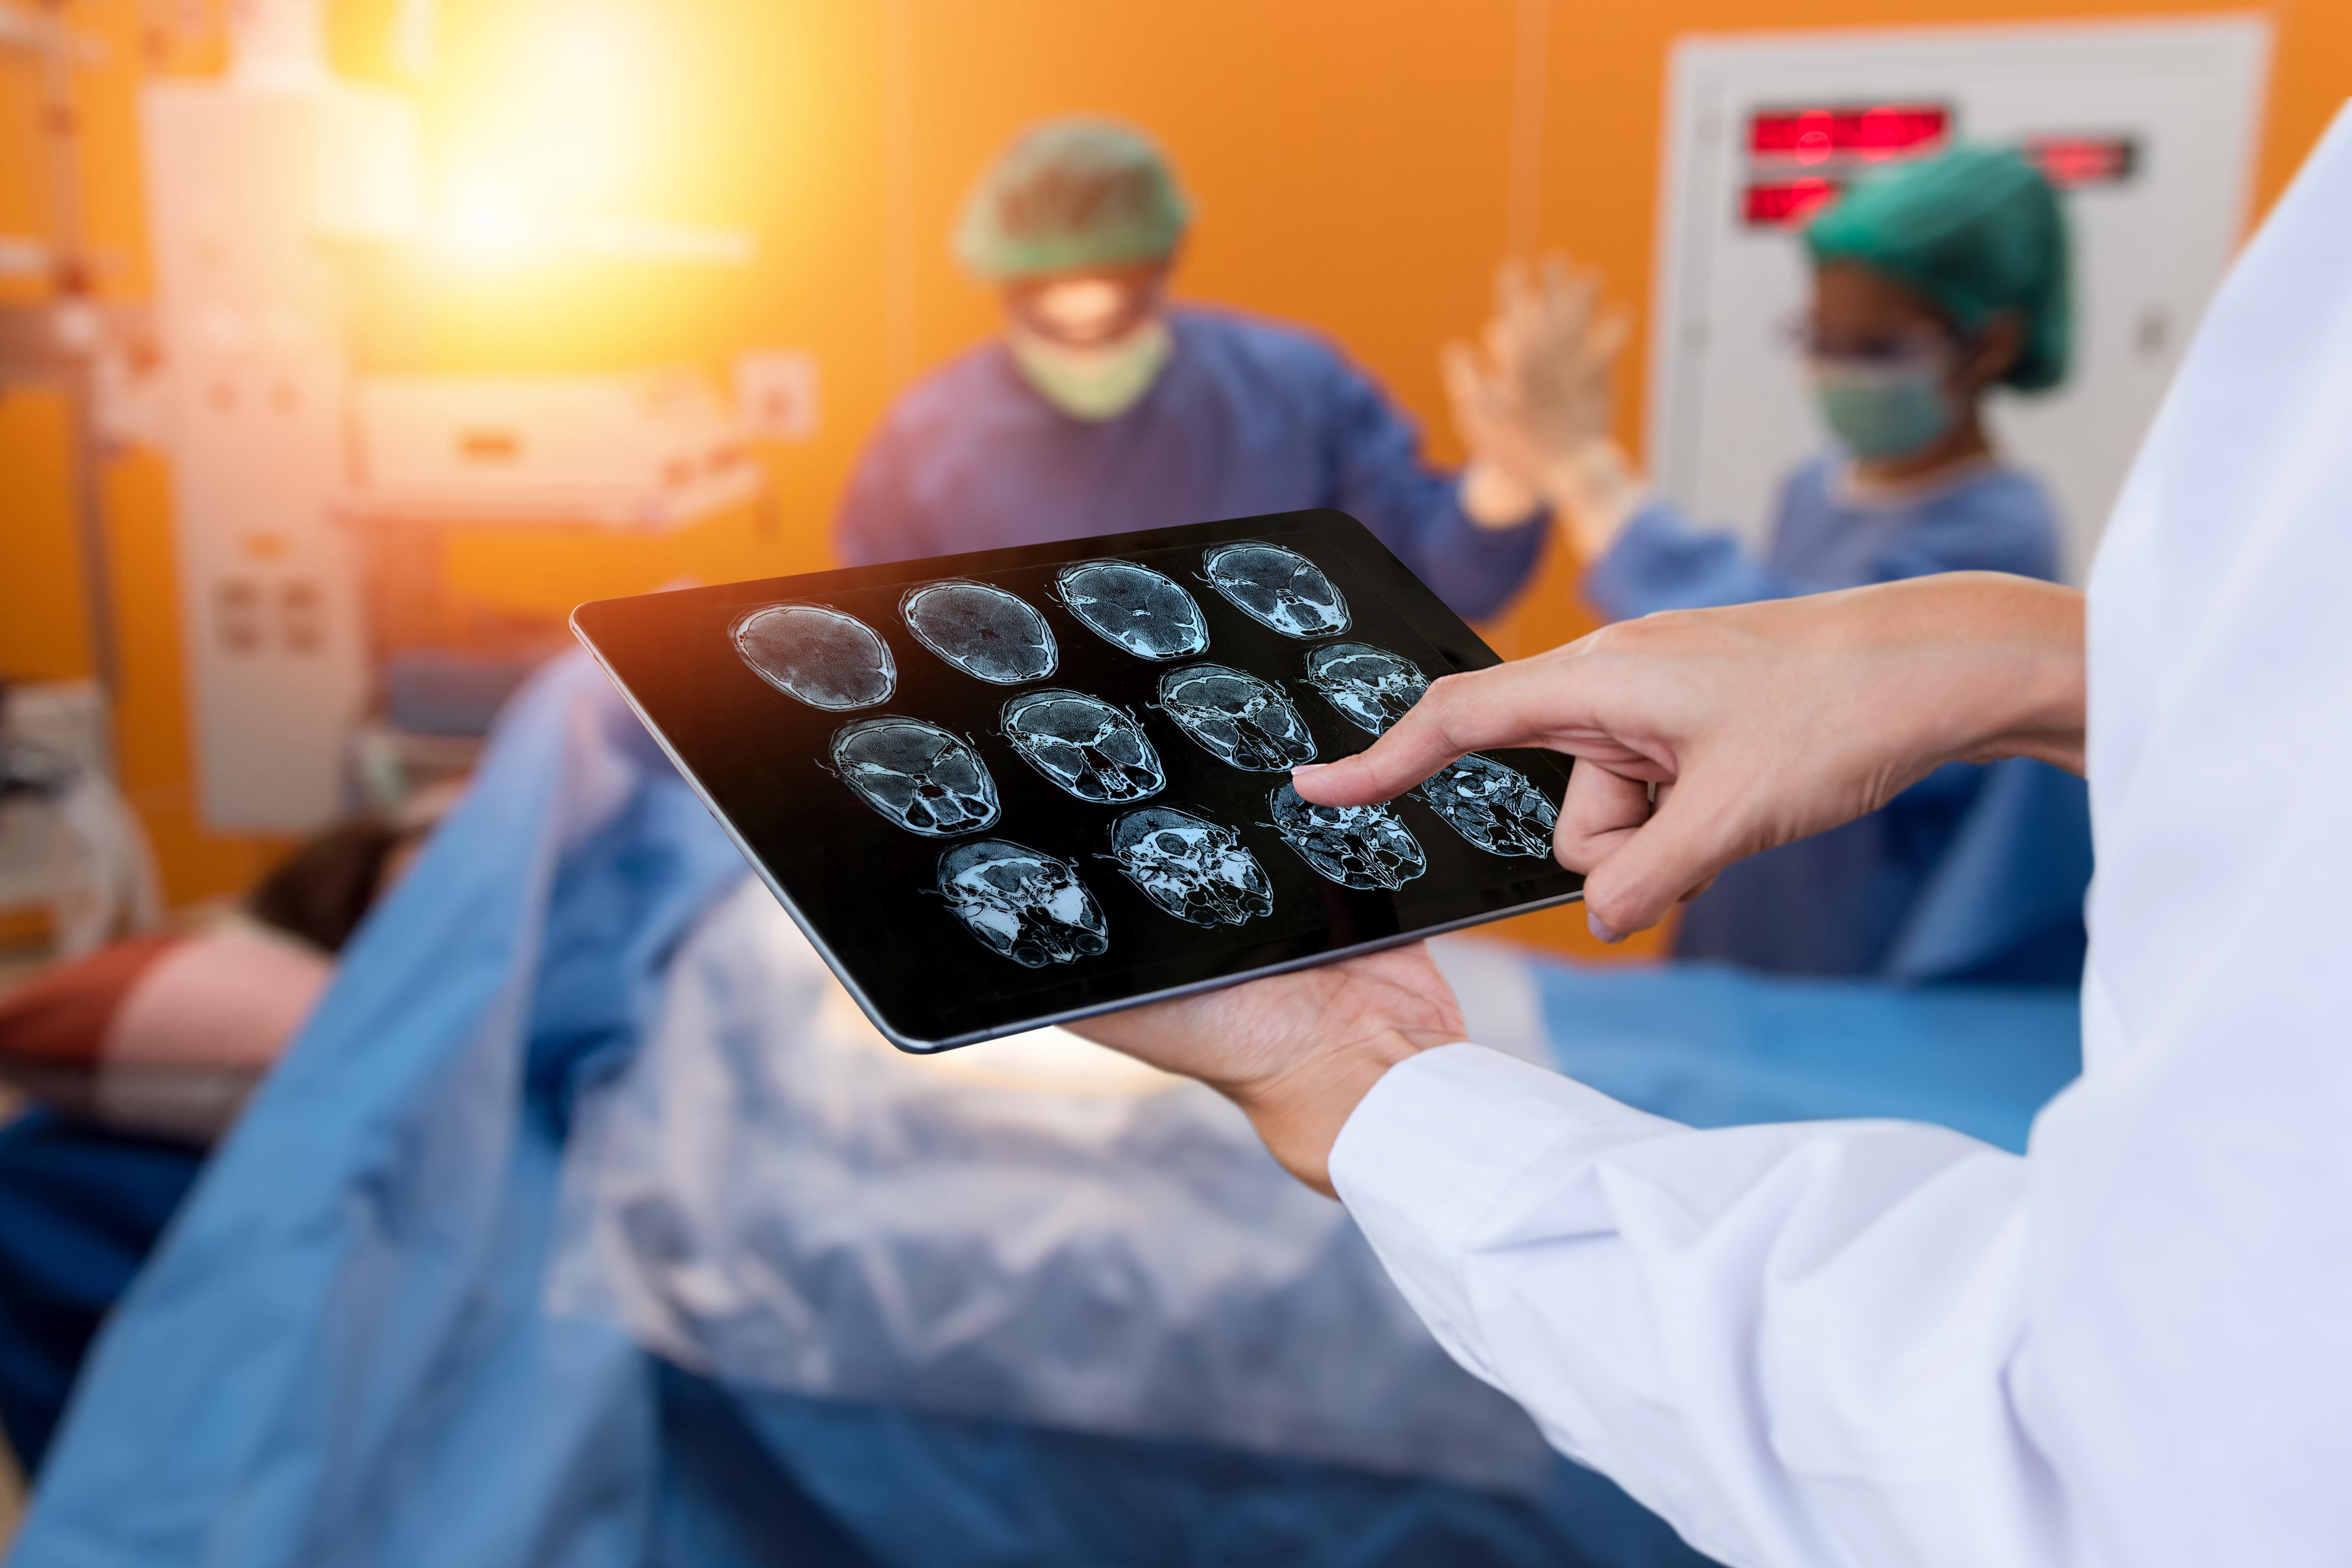 Может ли цифровая медицина противостоять хакерам